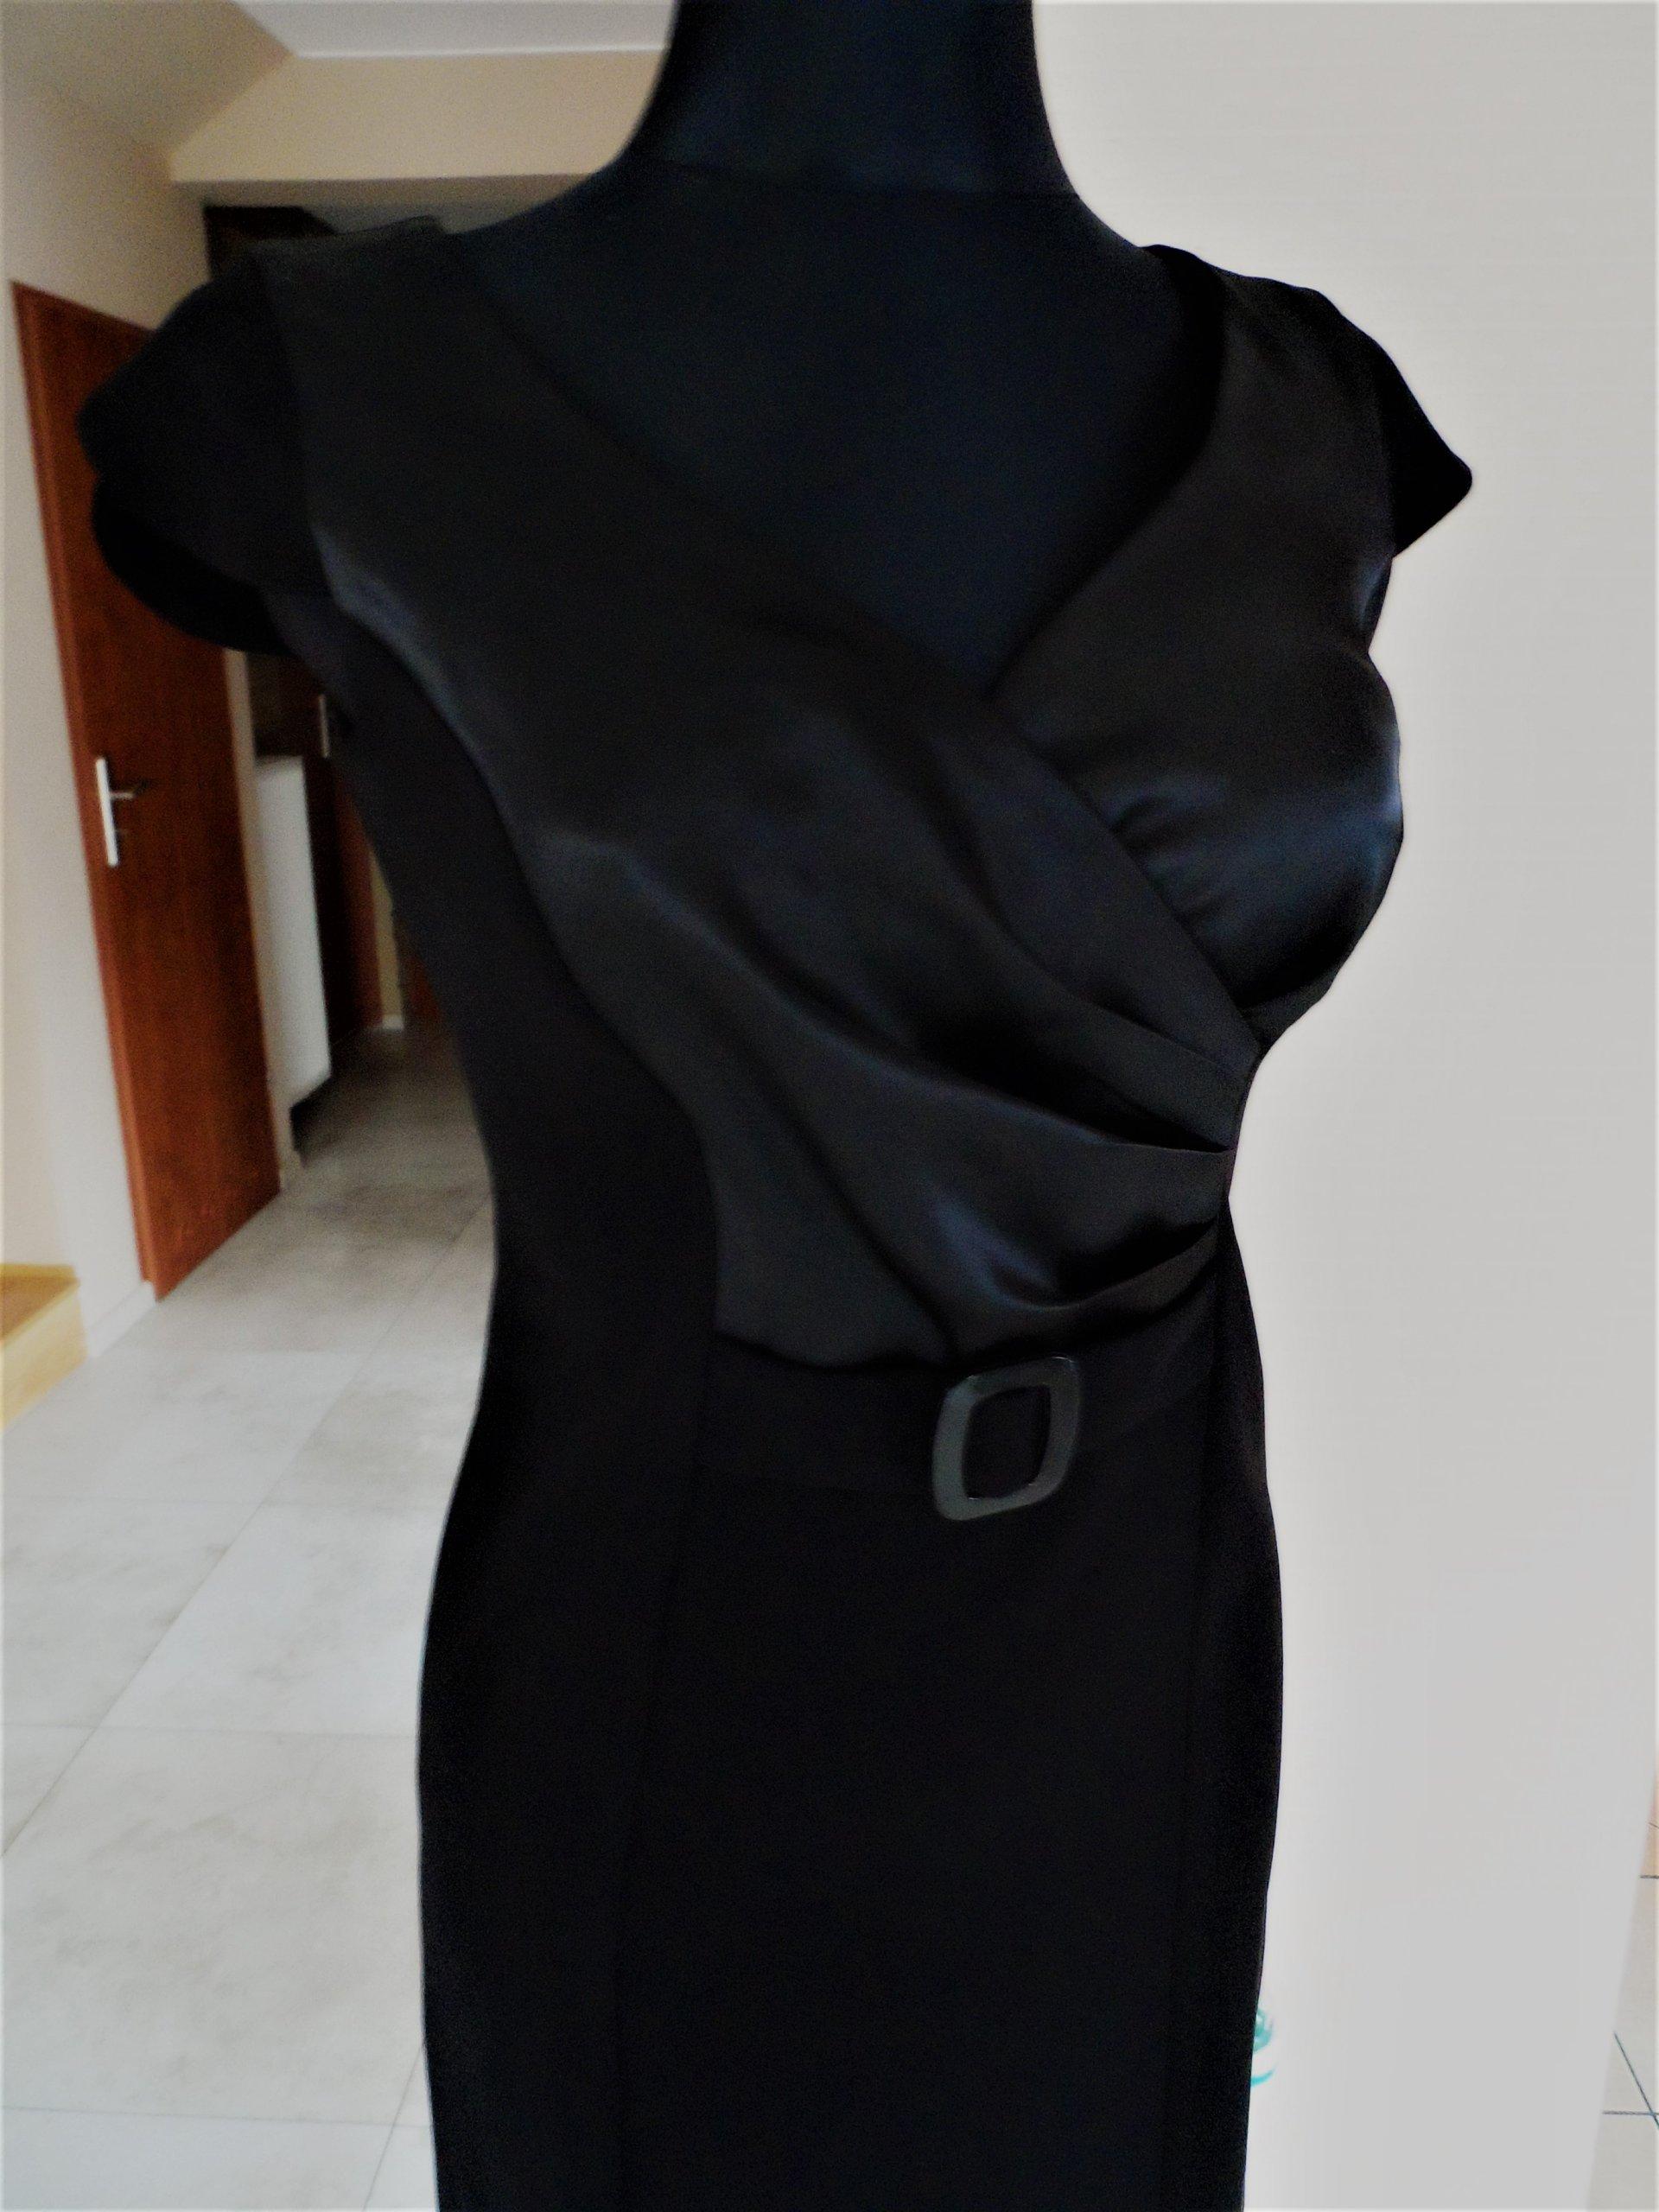 3f88d049fd DAWO Wizytowa sukienka CZARNA elegancka ok. S M - 7225195412 ...